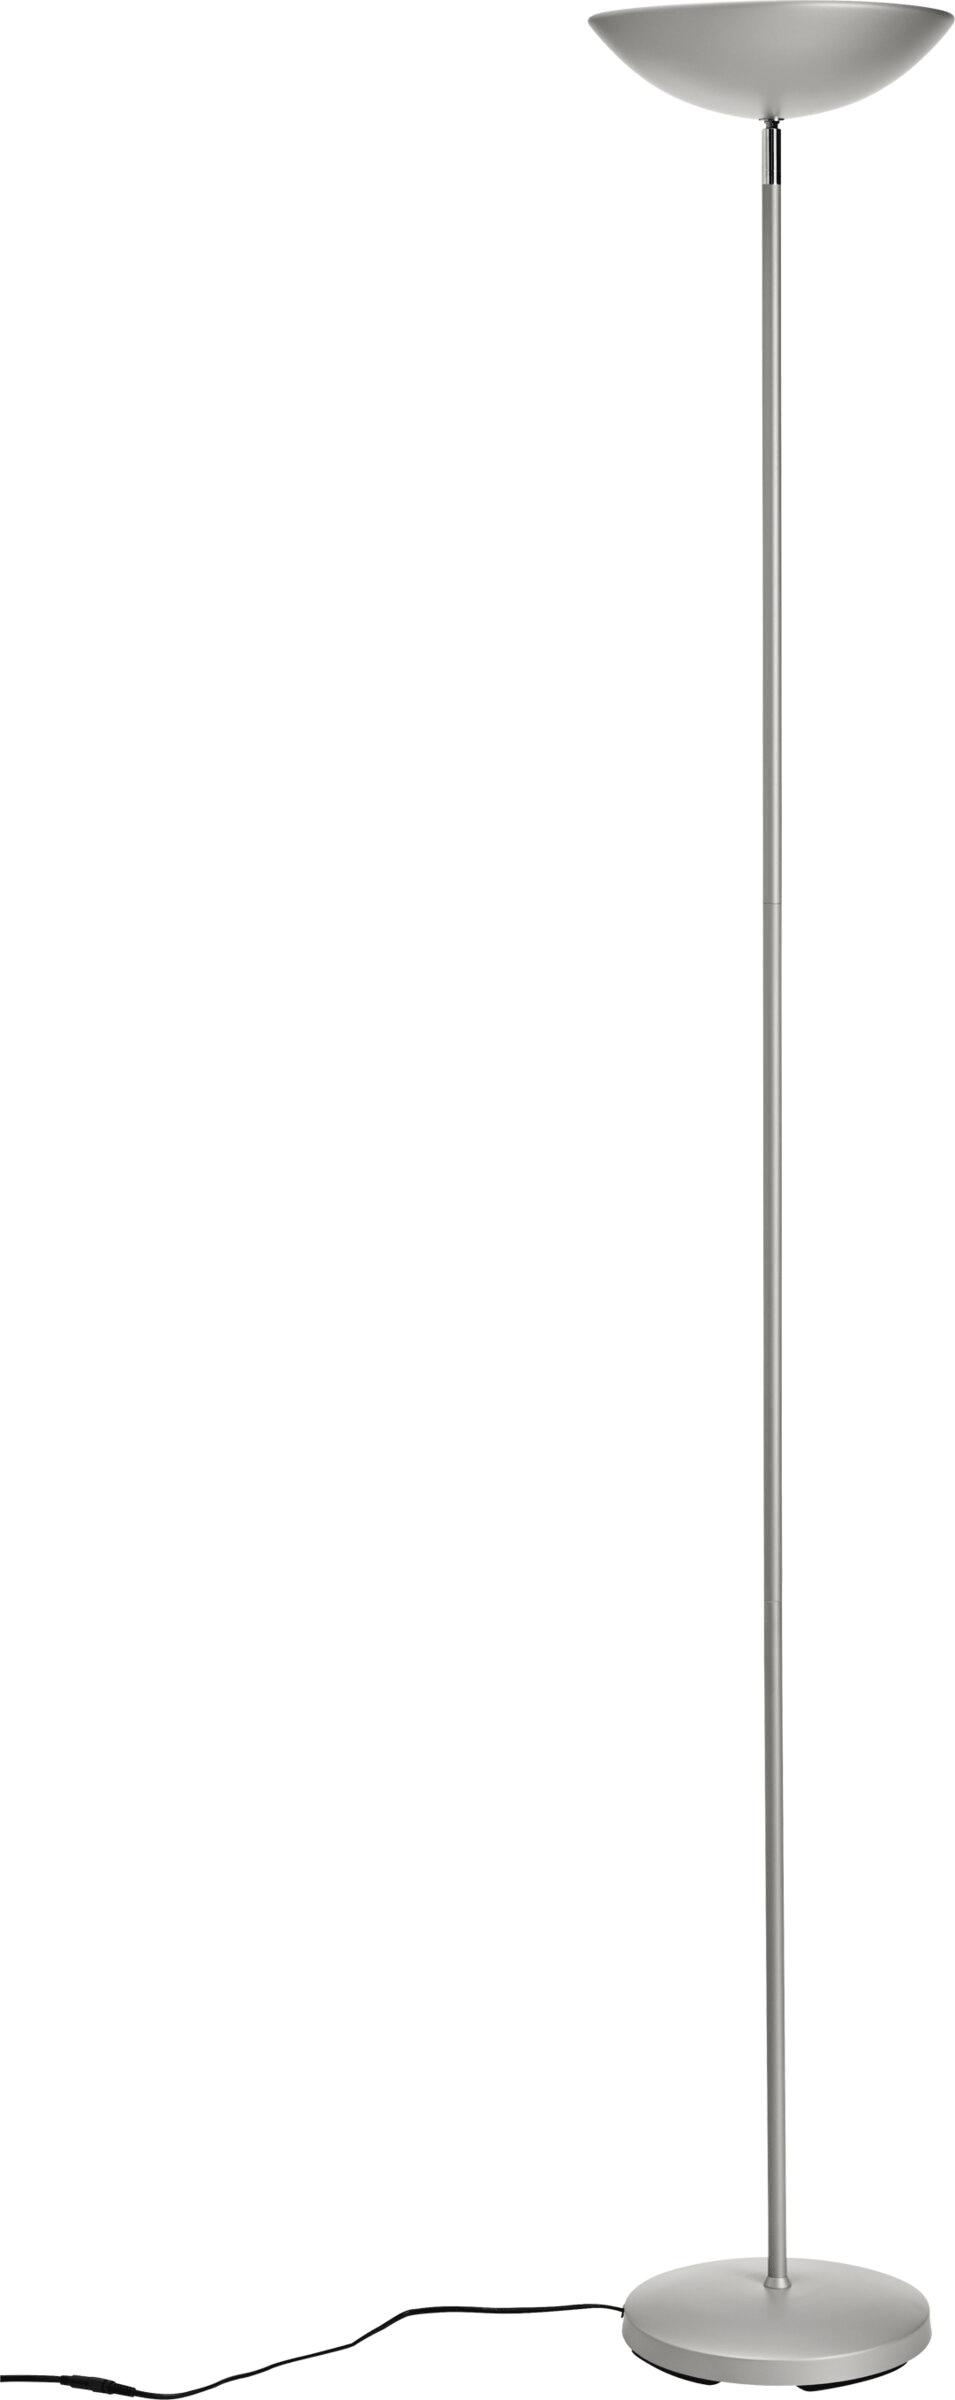 PARIS II Lampada a stelo